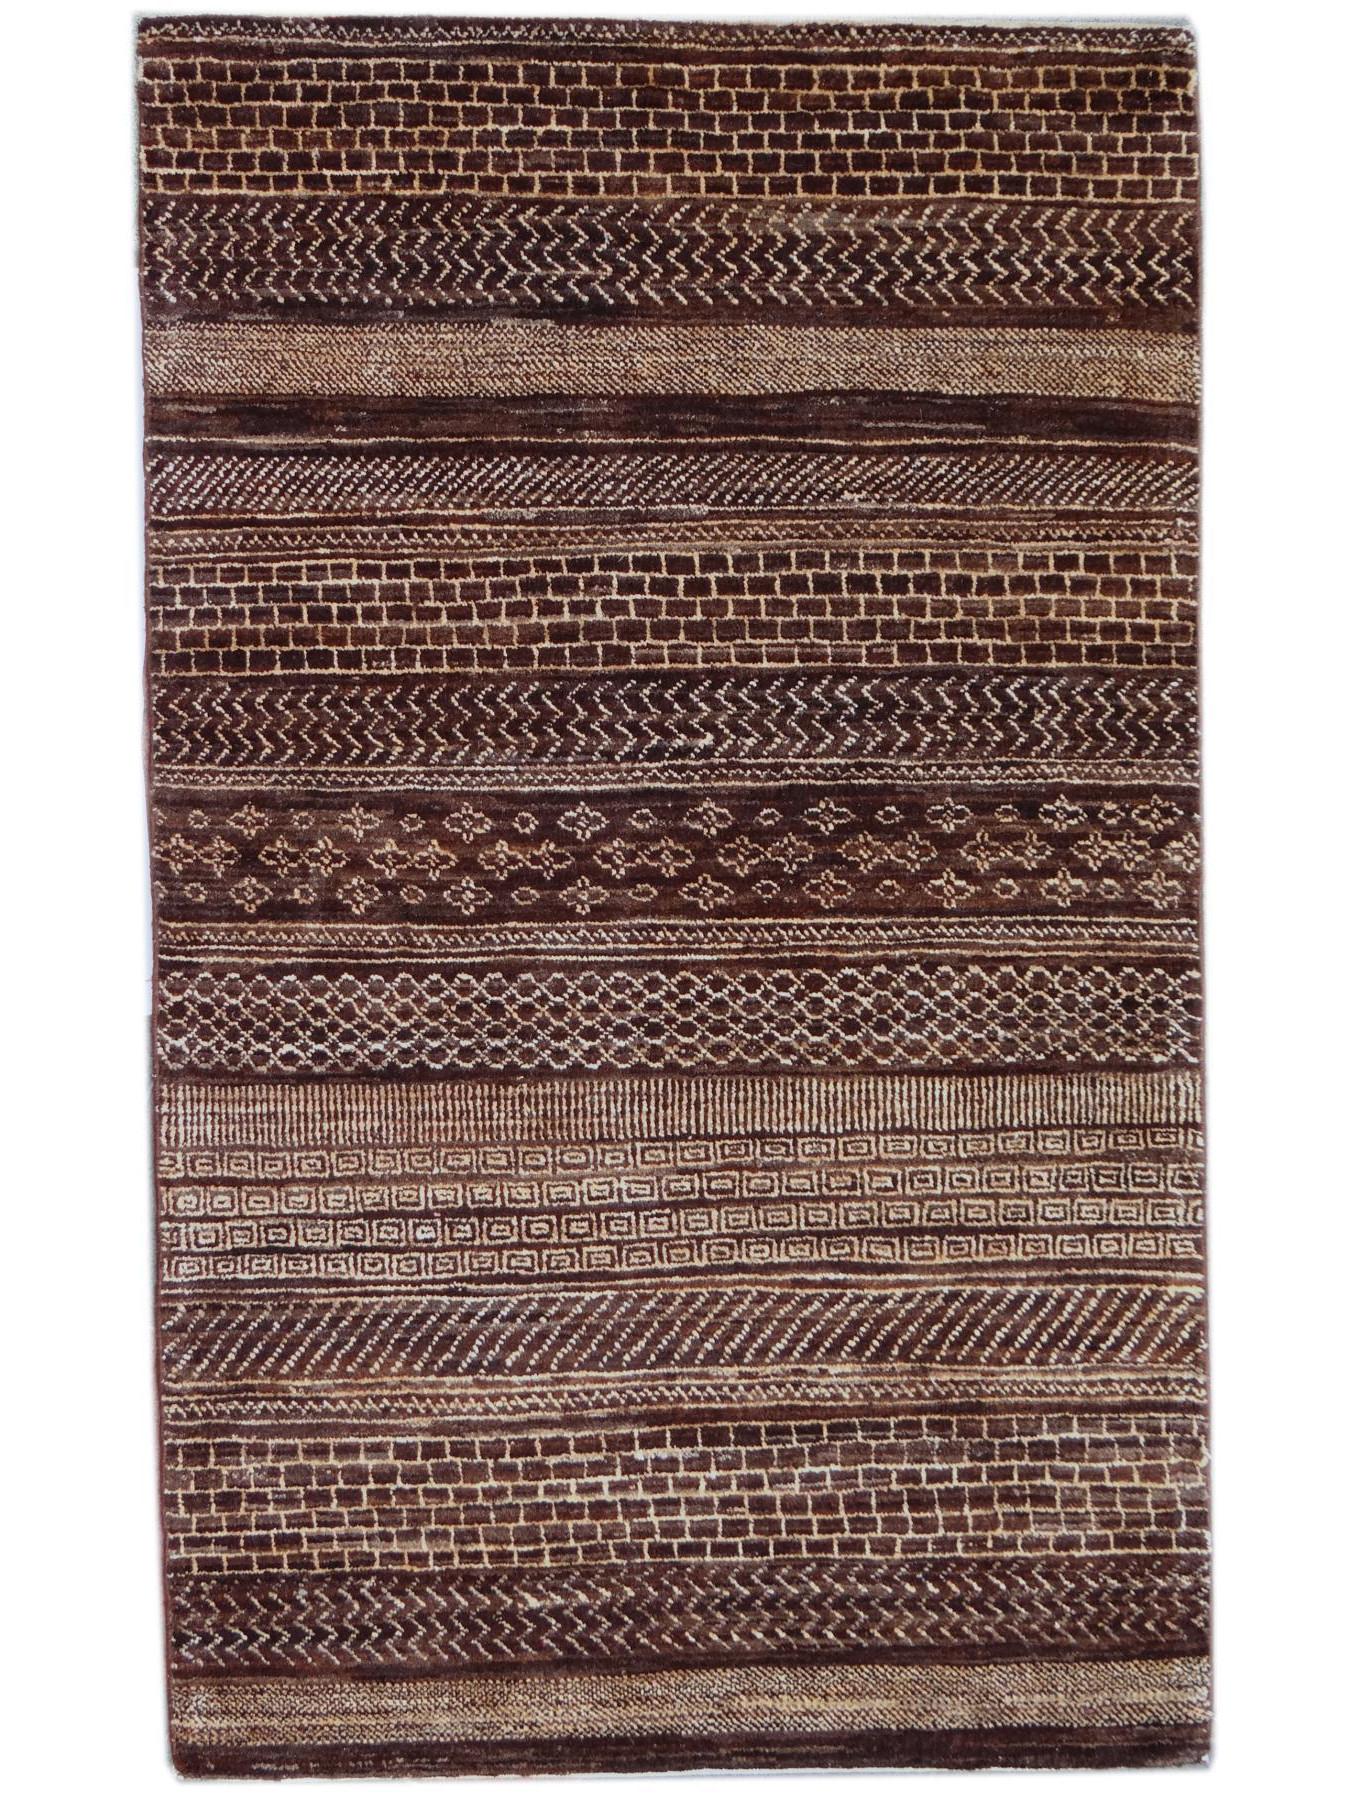 Etnische tapijten - TIMUR-EMOTION HNF002 5655